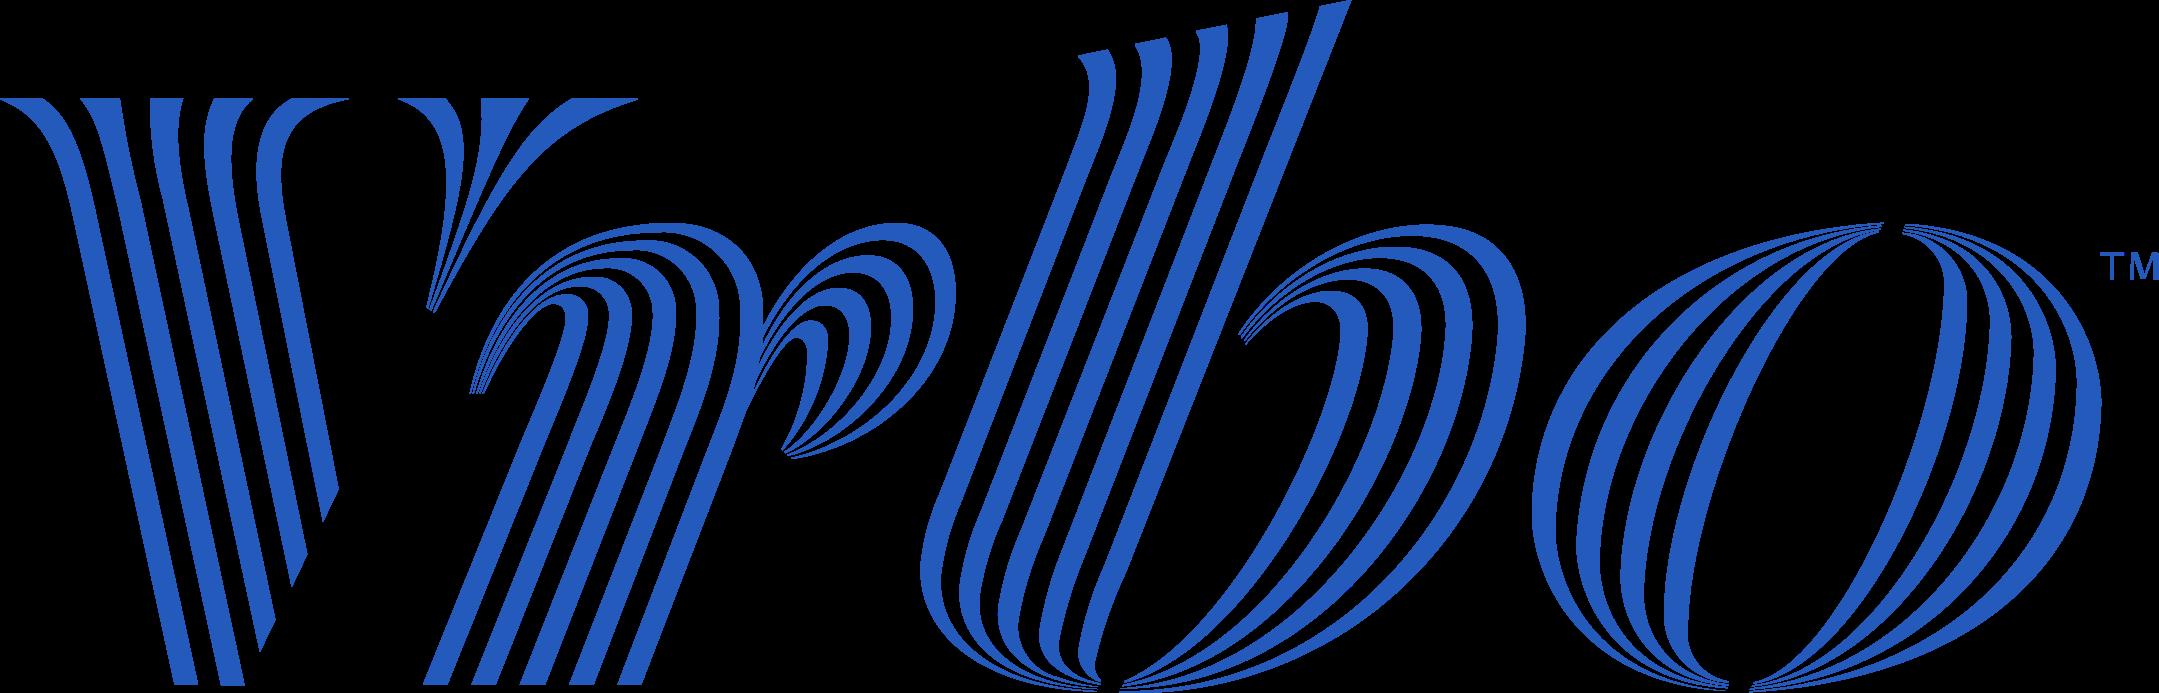 vrbo-logo-1